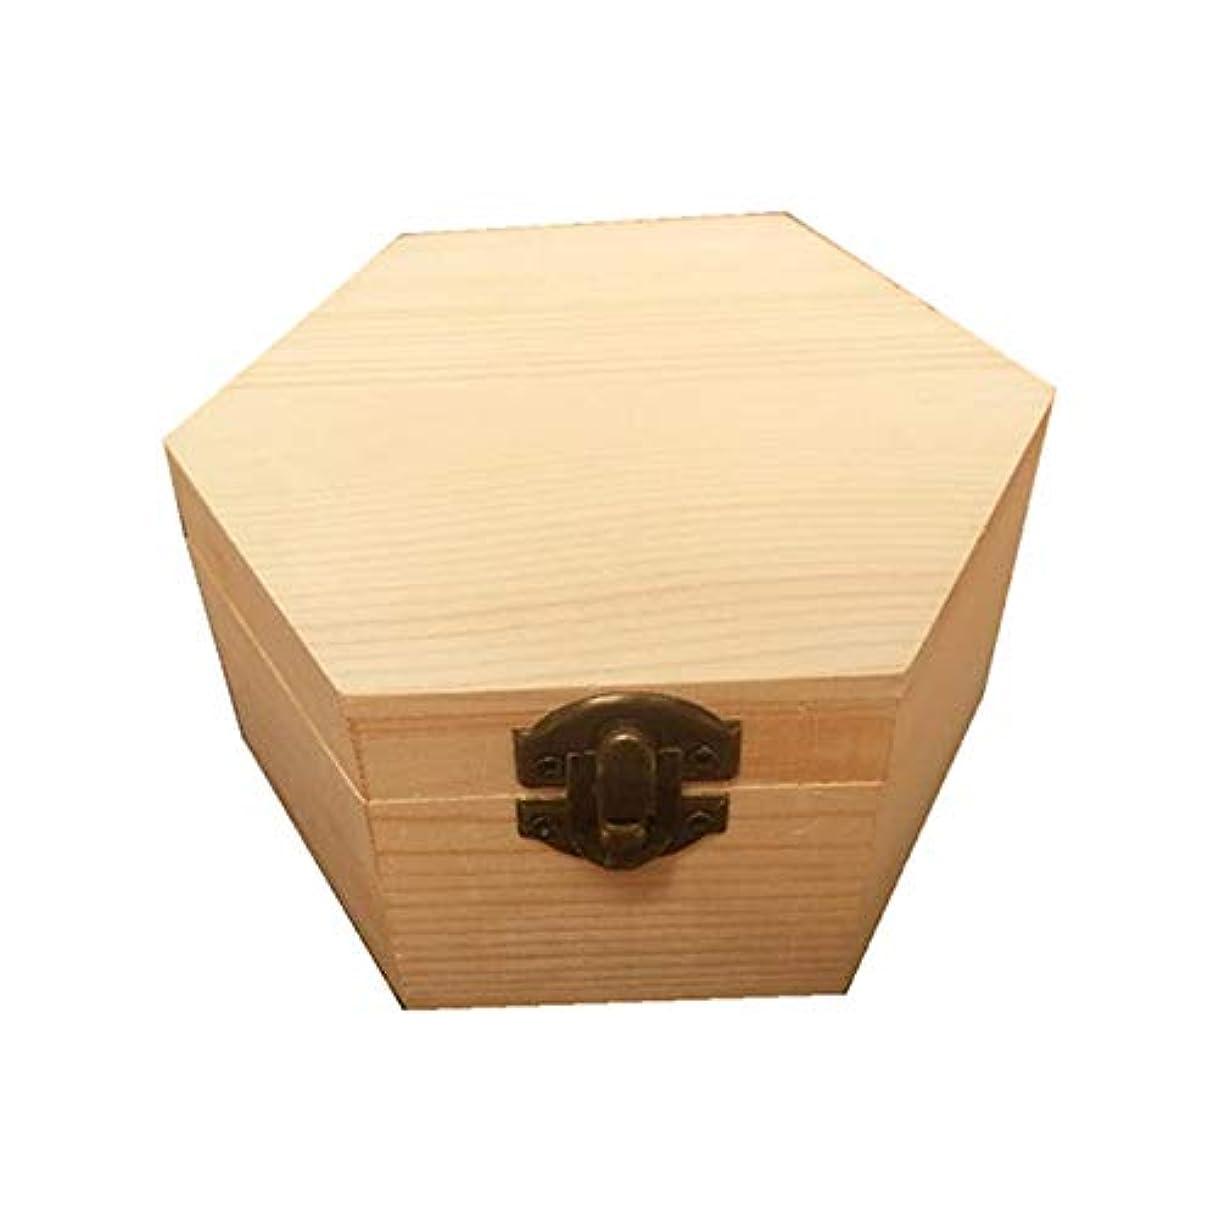 フクロウ廊下オンスエッセンシャルオイルの保管 手作りの木製ギフトボックスパーフェクトエッセンシャルオイルケースにエッセンシャルオイル (色 : Natural, サイズ : 13X11.3X6.8CM)